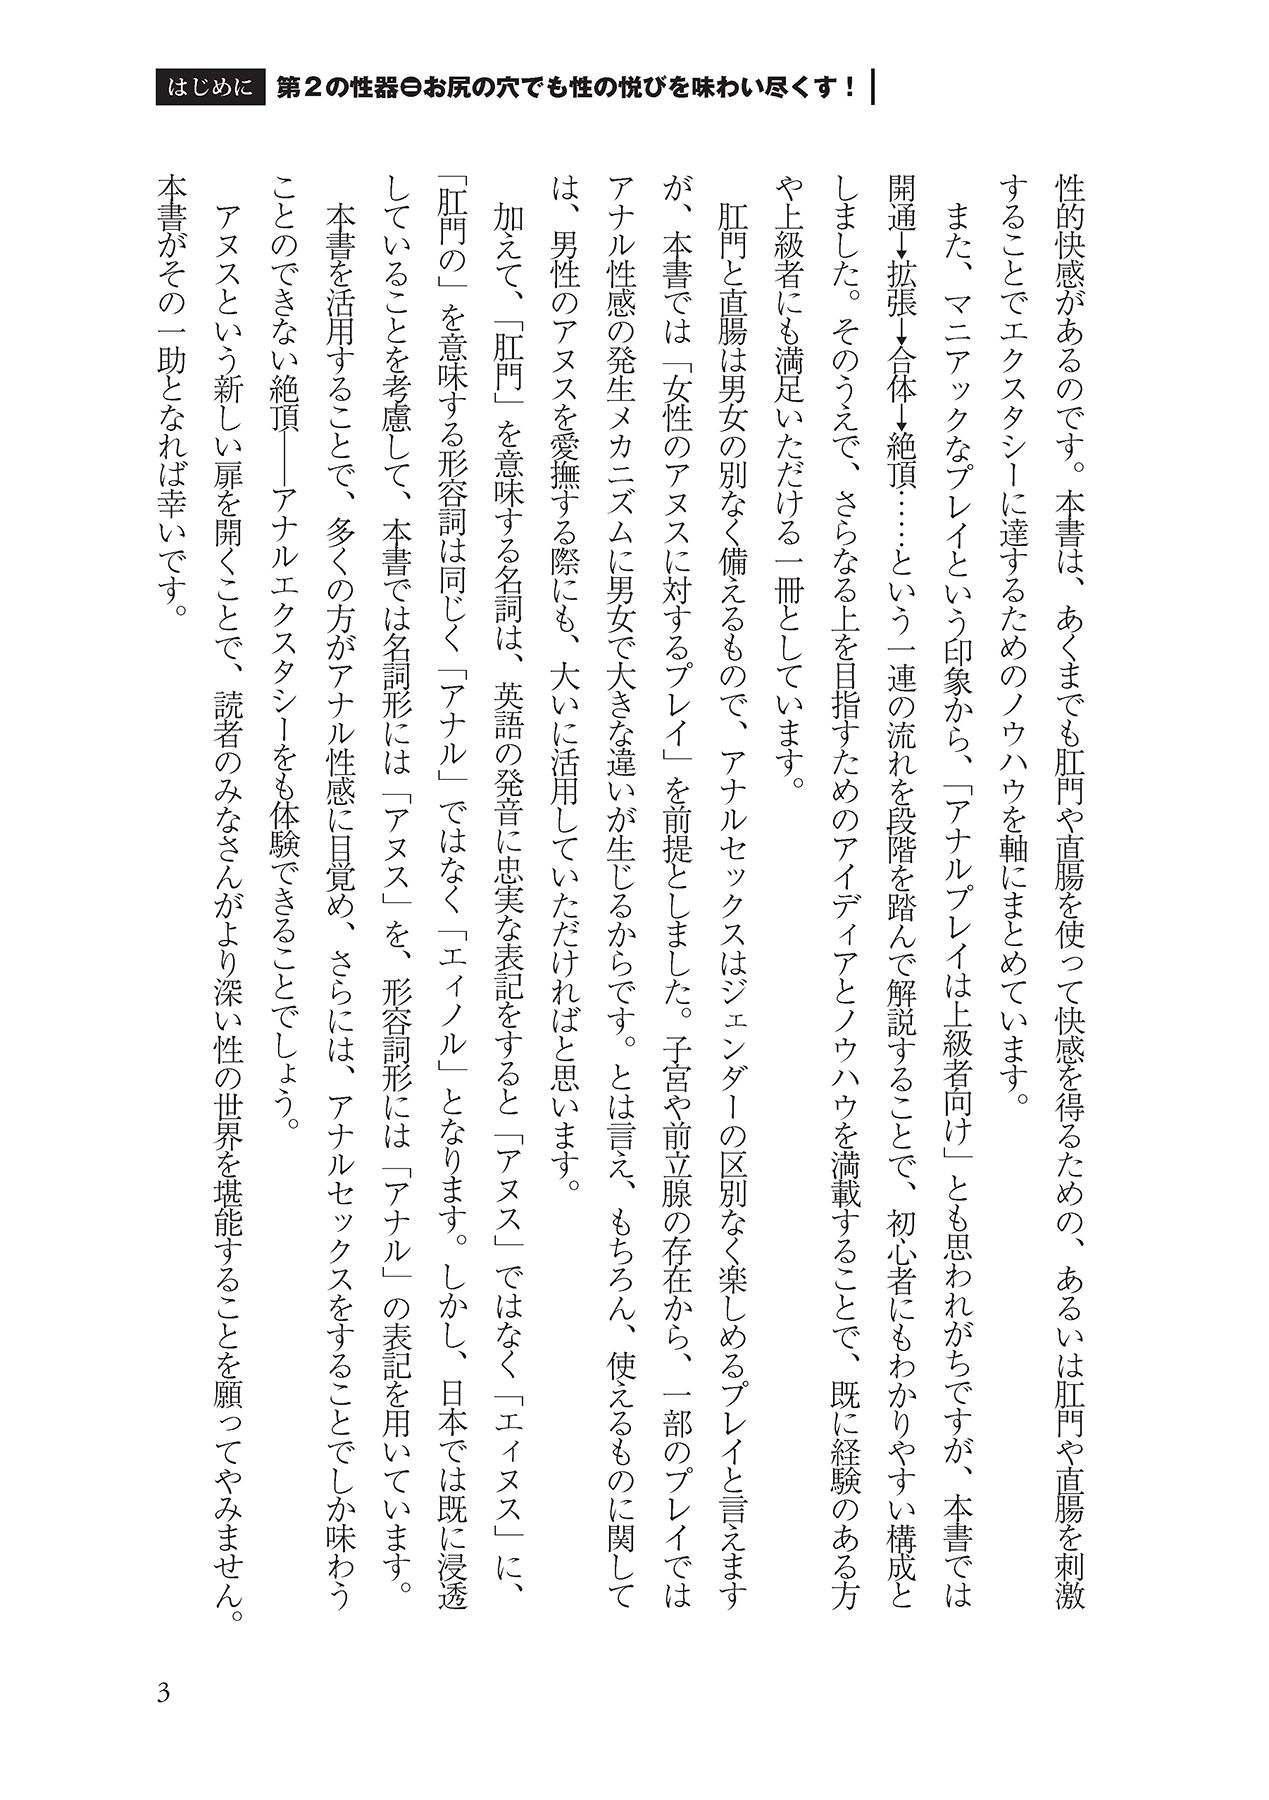 アナル性感開発・お尻エッチ 完全マニュアル 4